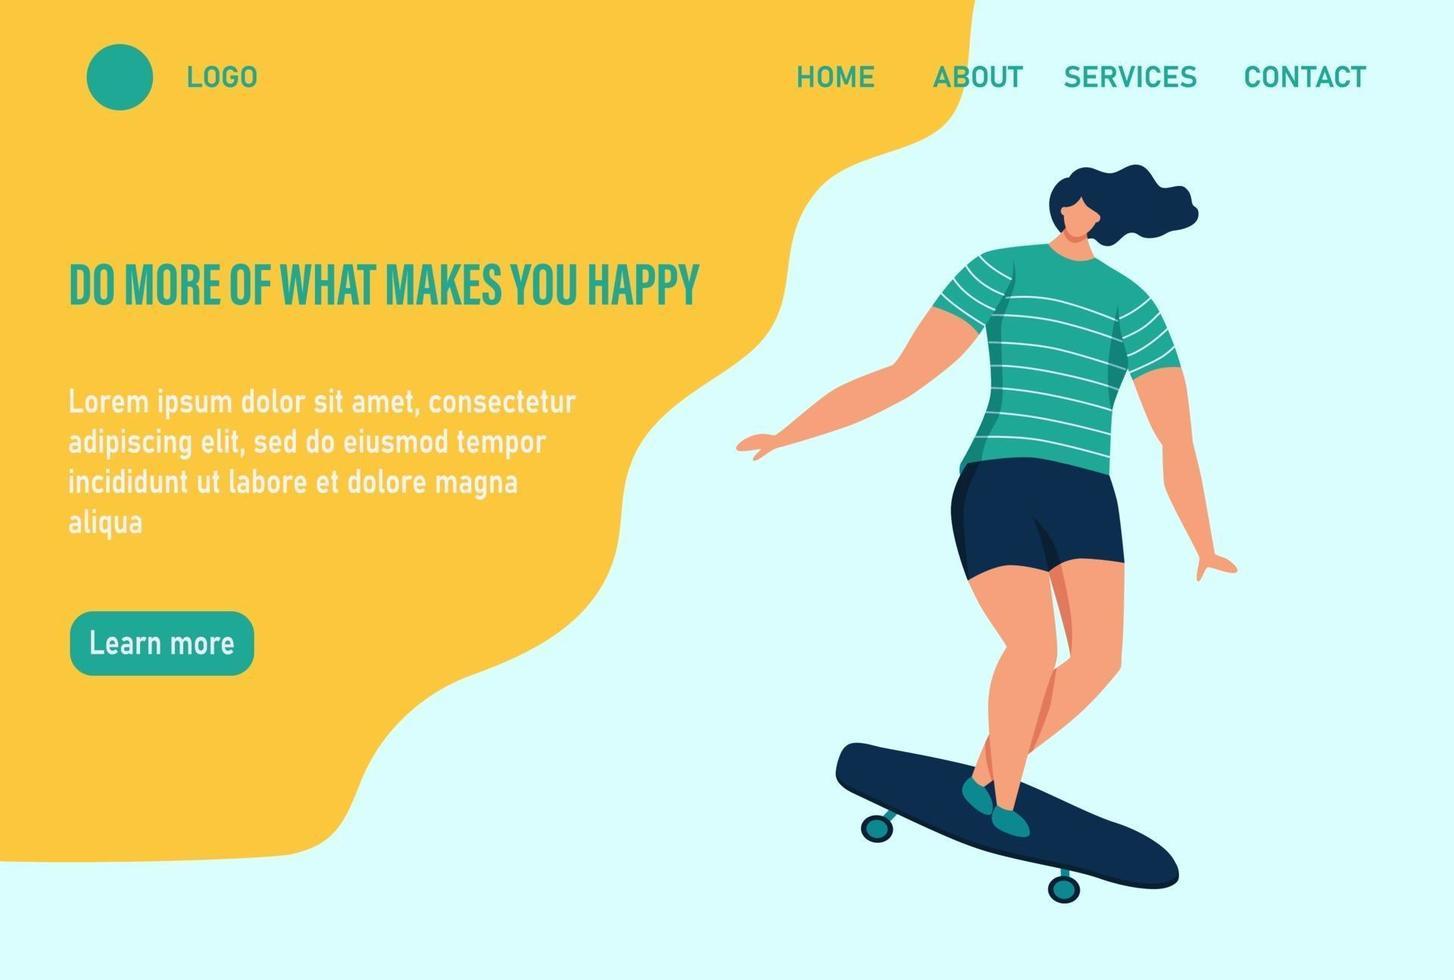 uma jovem ou adolescente anda de skate. faça mais o que te faz feliz. modelo de página da web de destino da página inicial do site. ilustração vetorial plana. vetor